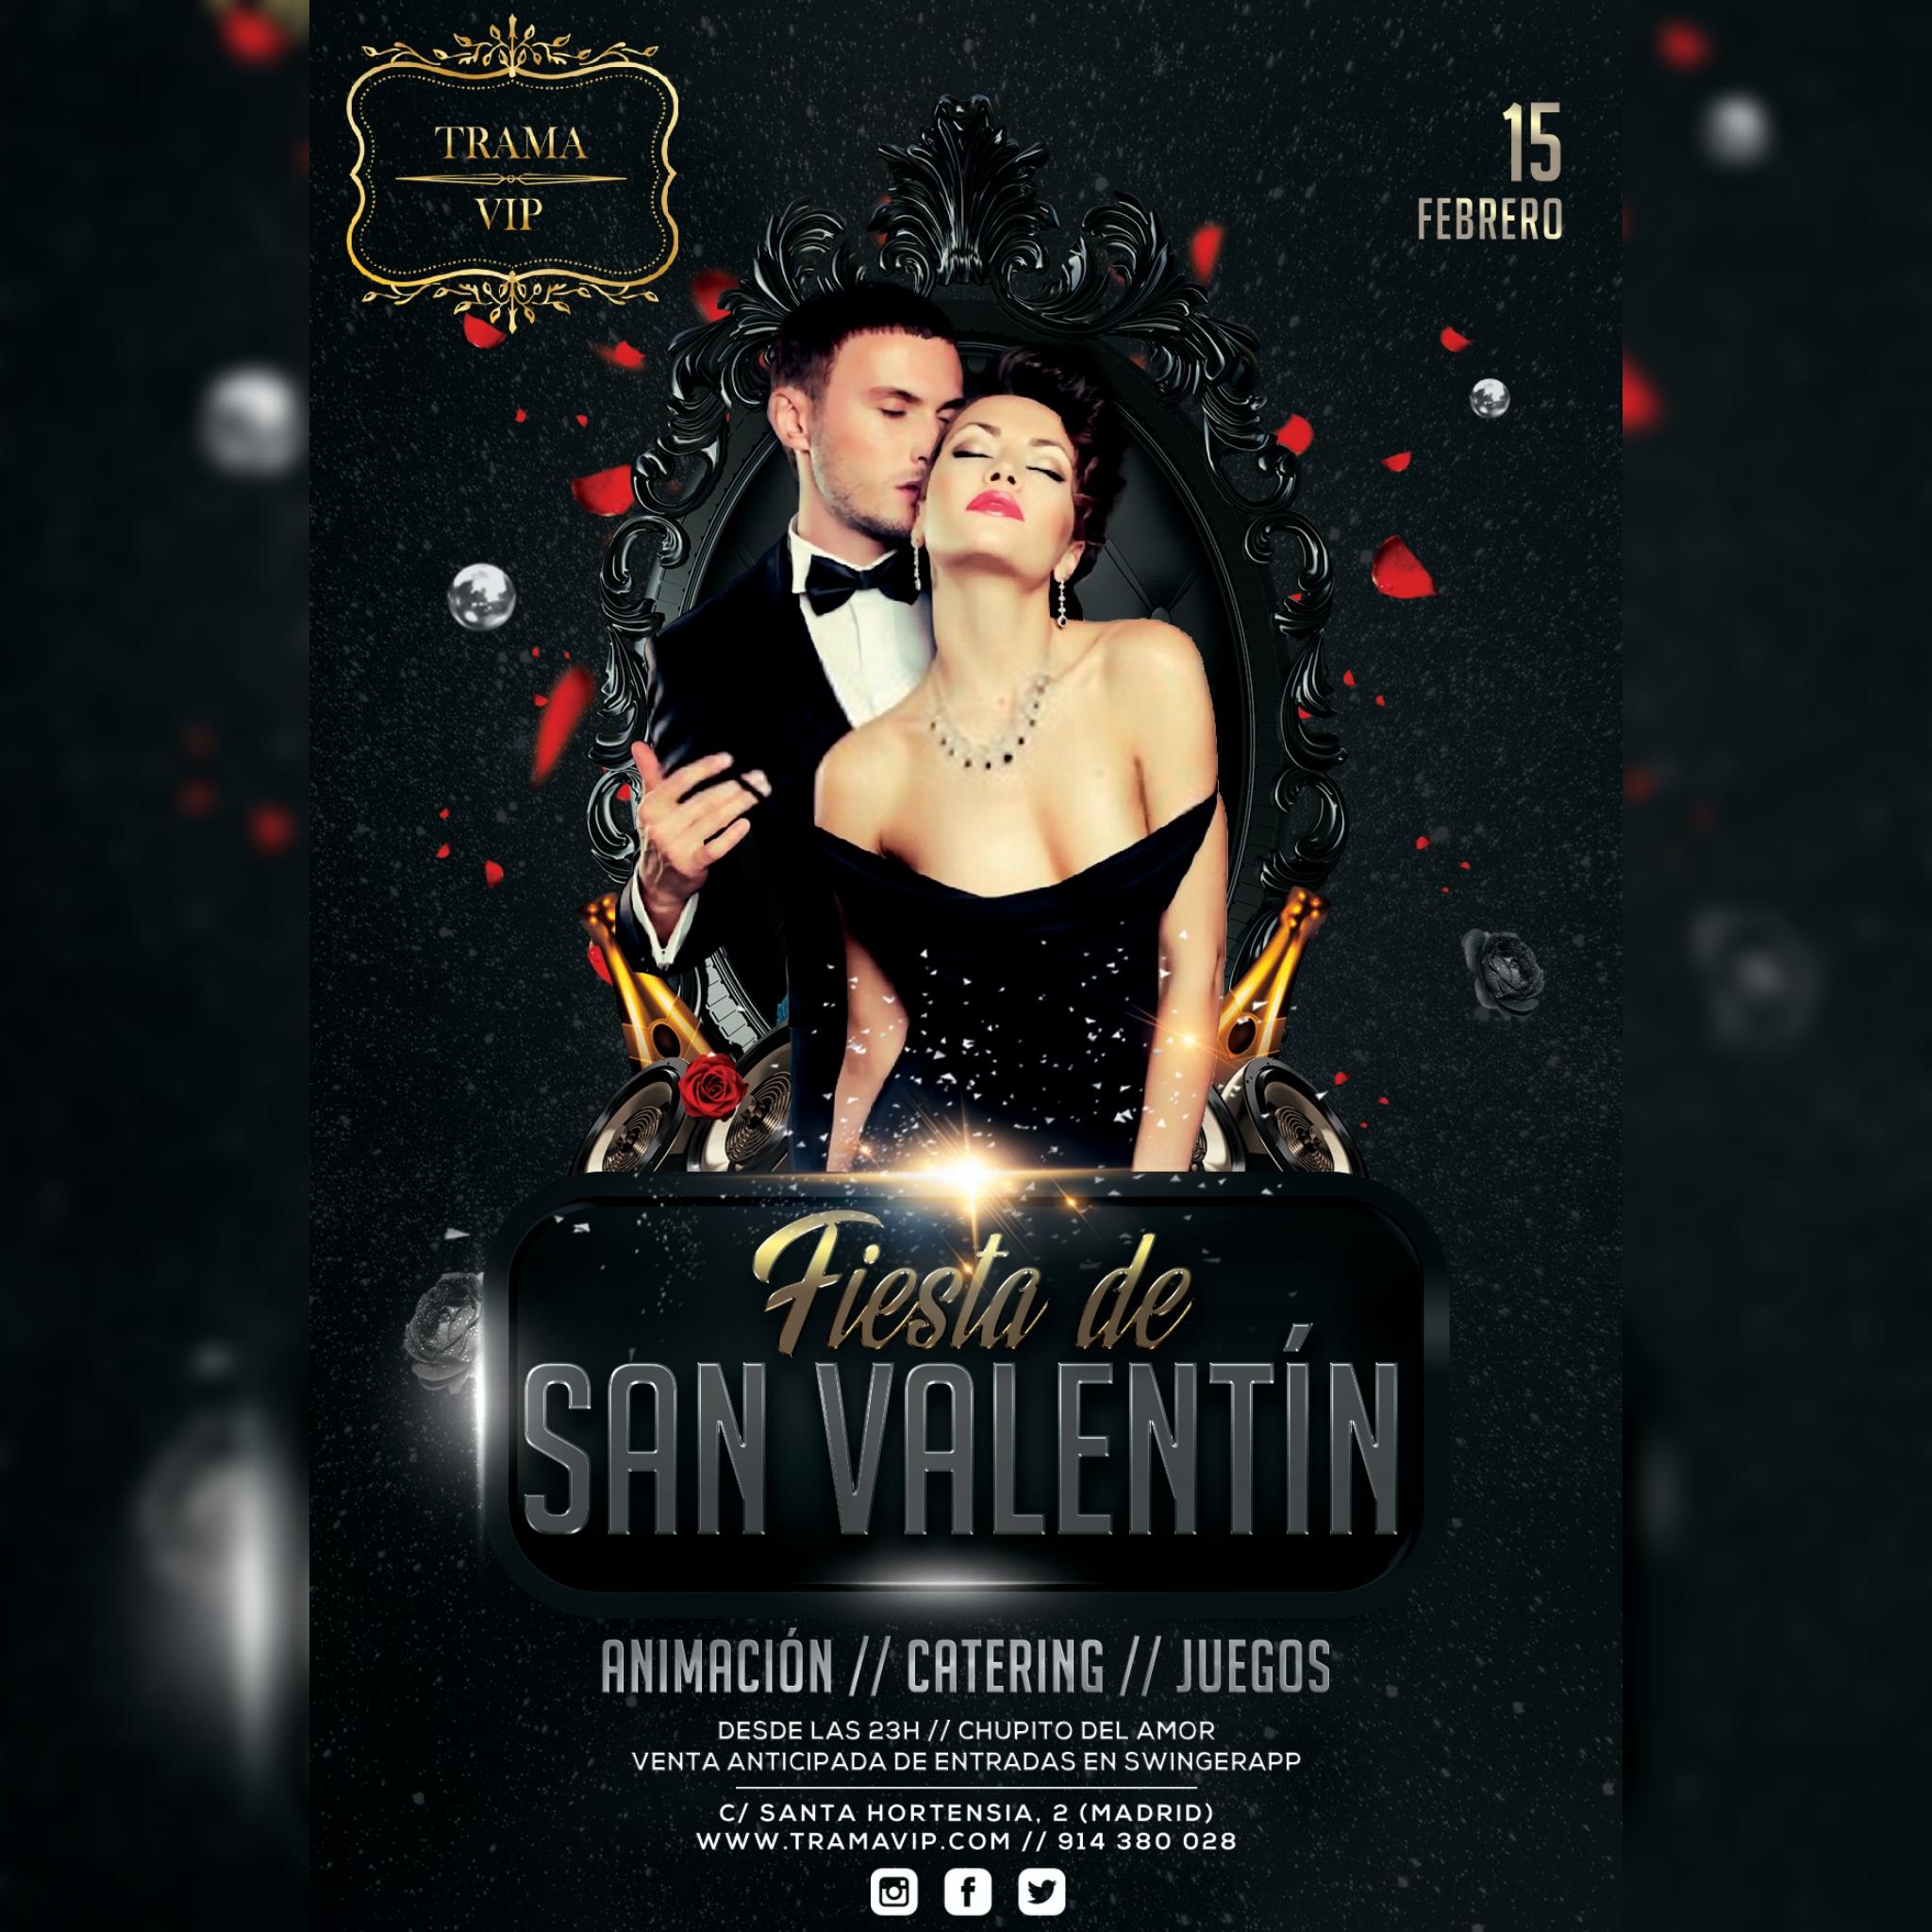 Fiesta San Valentín – 15 febrero